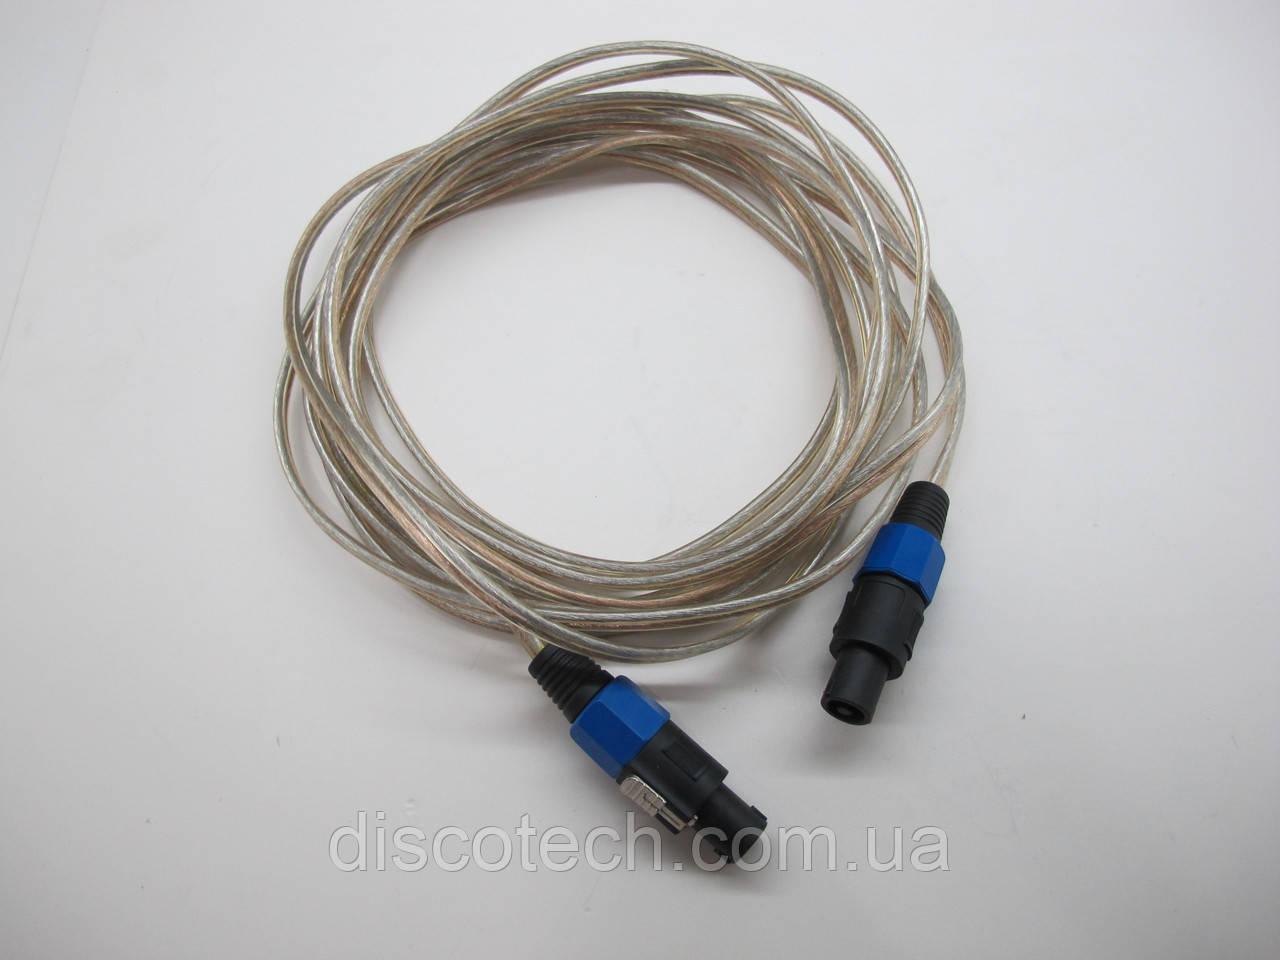 Готовый акустический кабель 2*2,5мм, 5м с коннекторами спикон 4-контактный